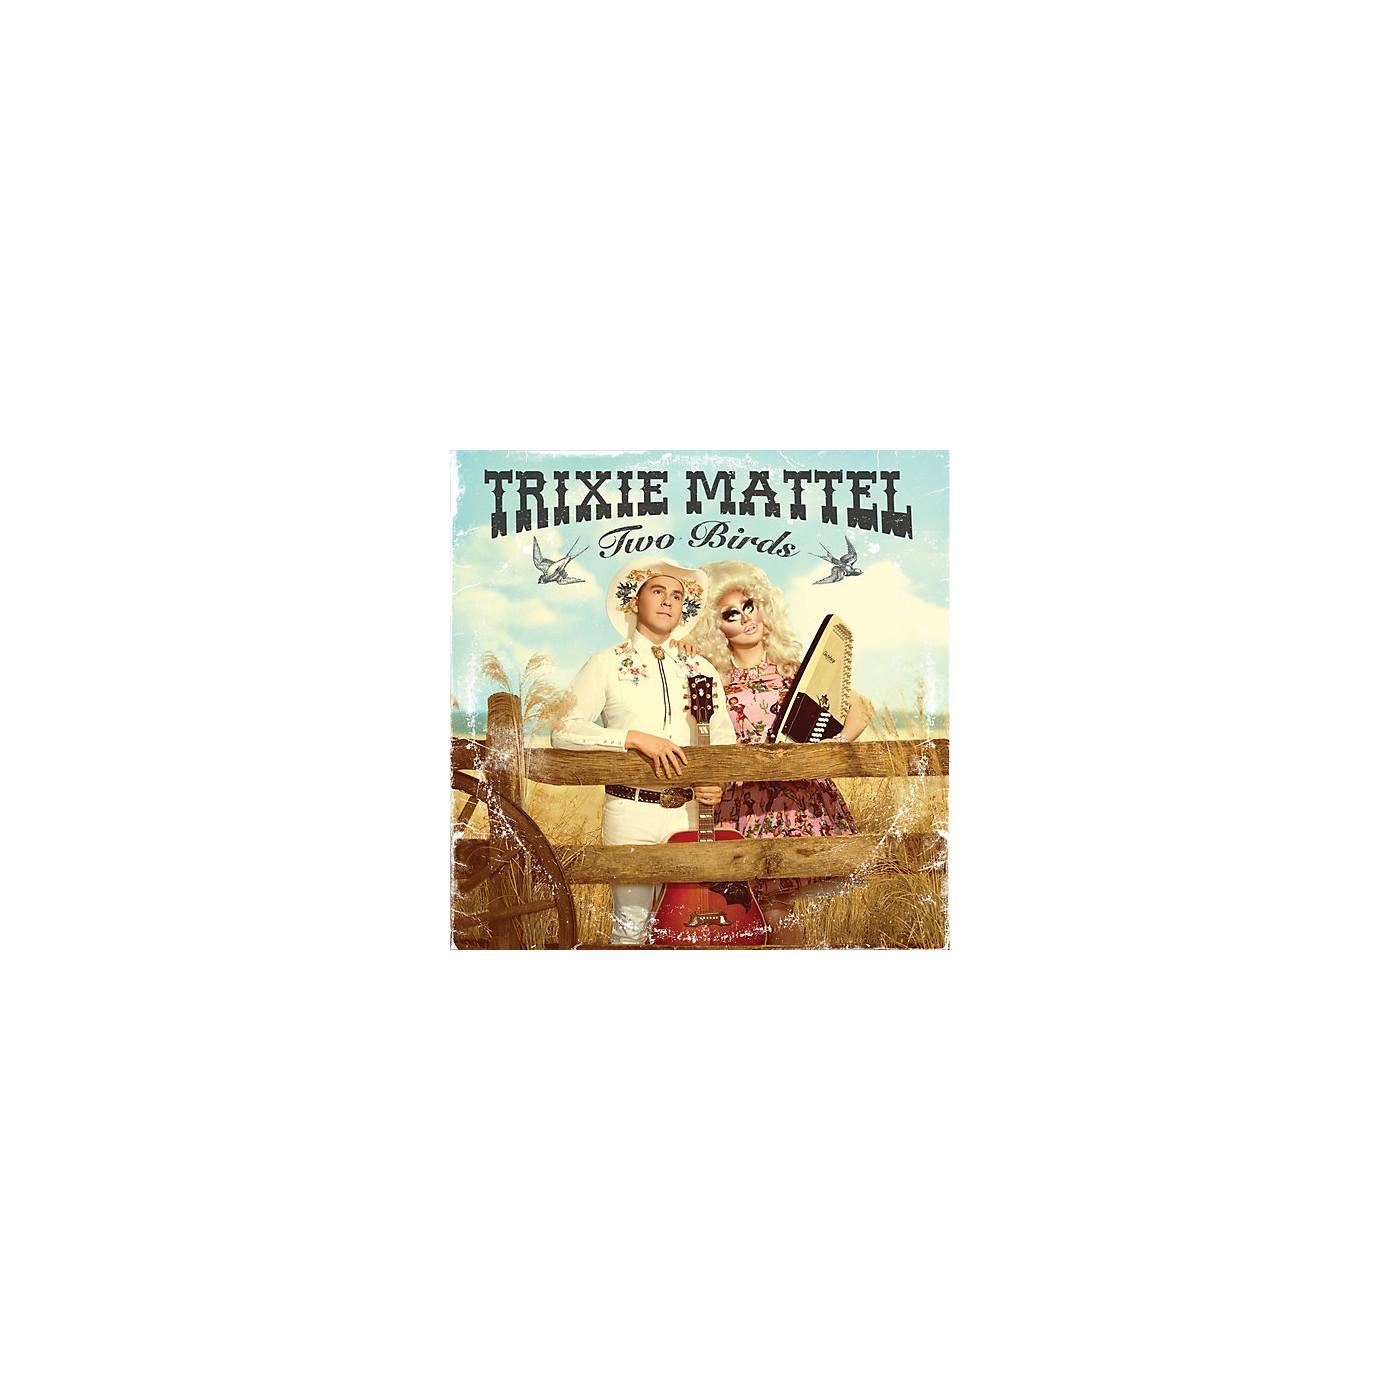 Alliance Trixie Mattel - Two Birds, One Stone thumbnail